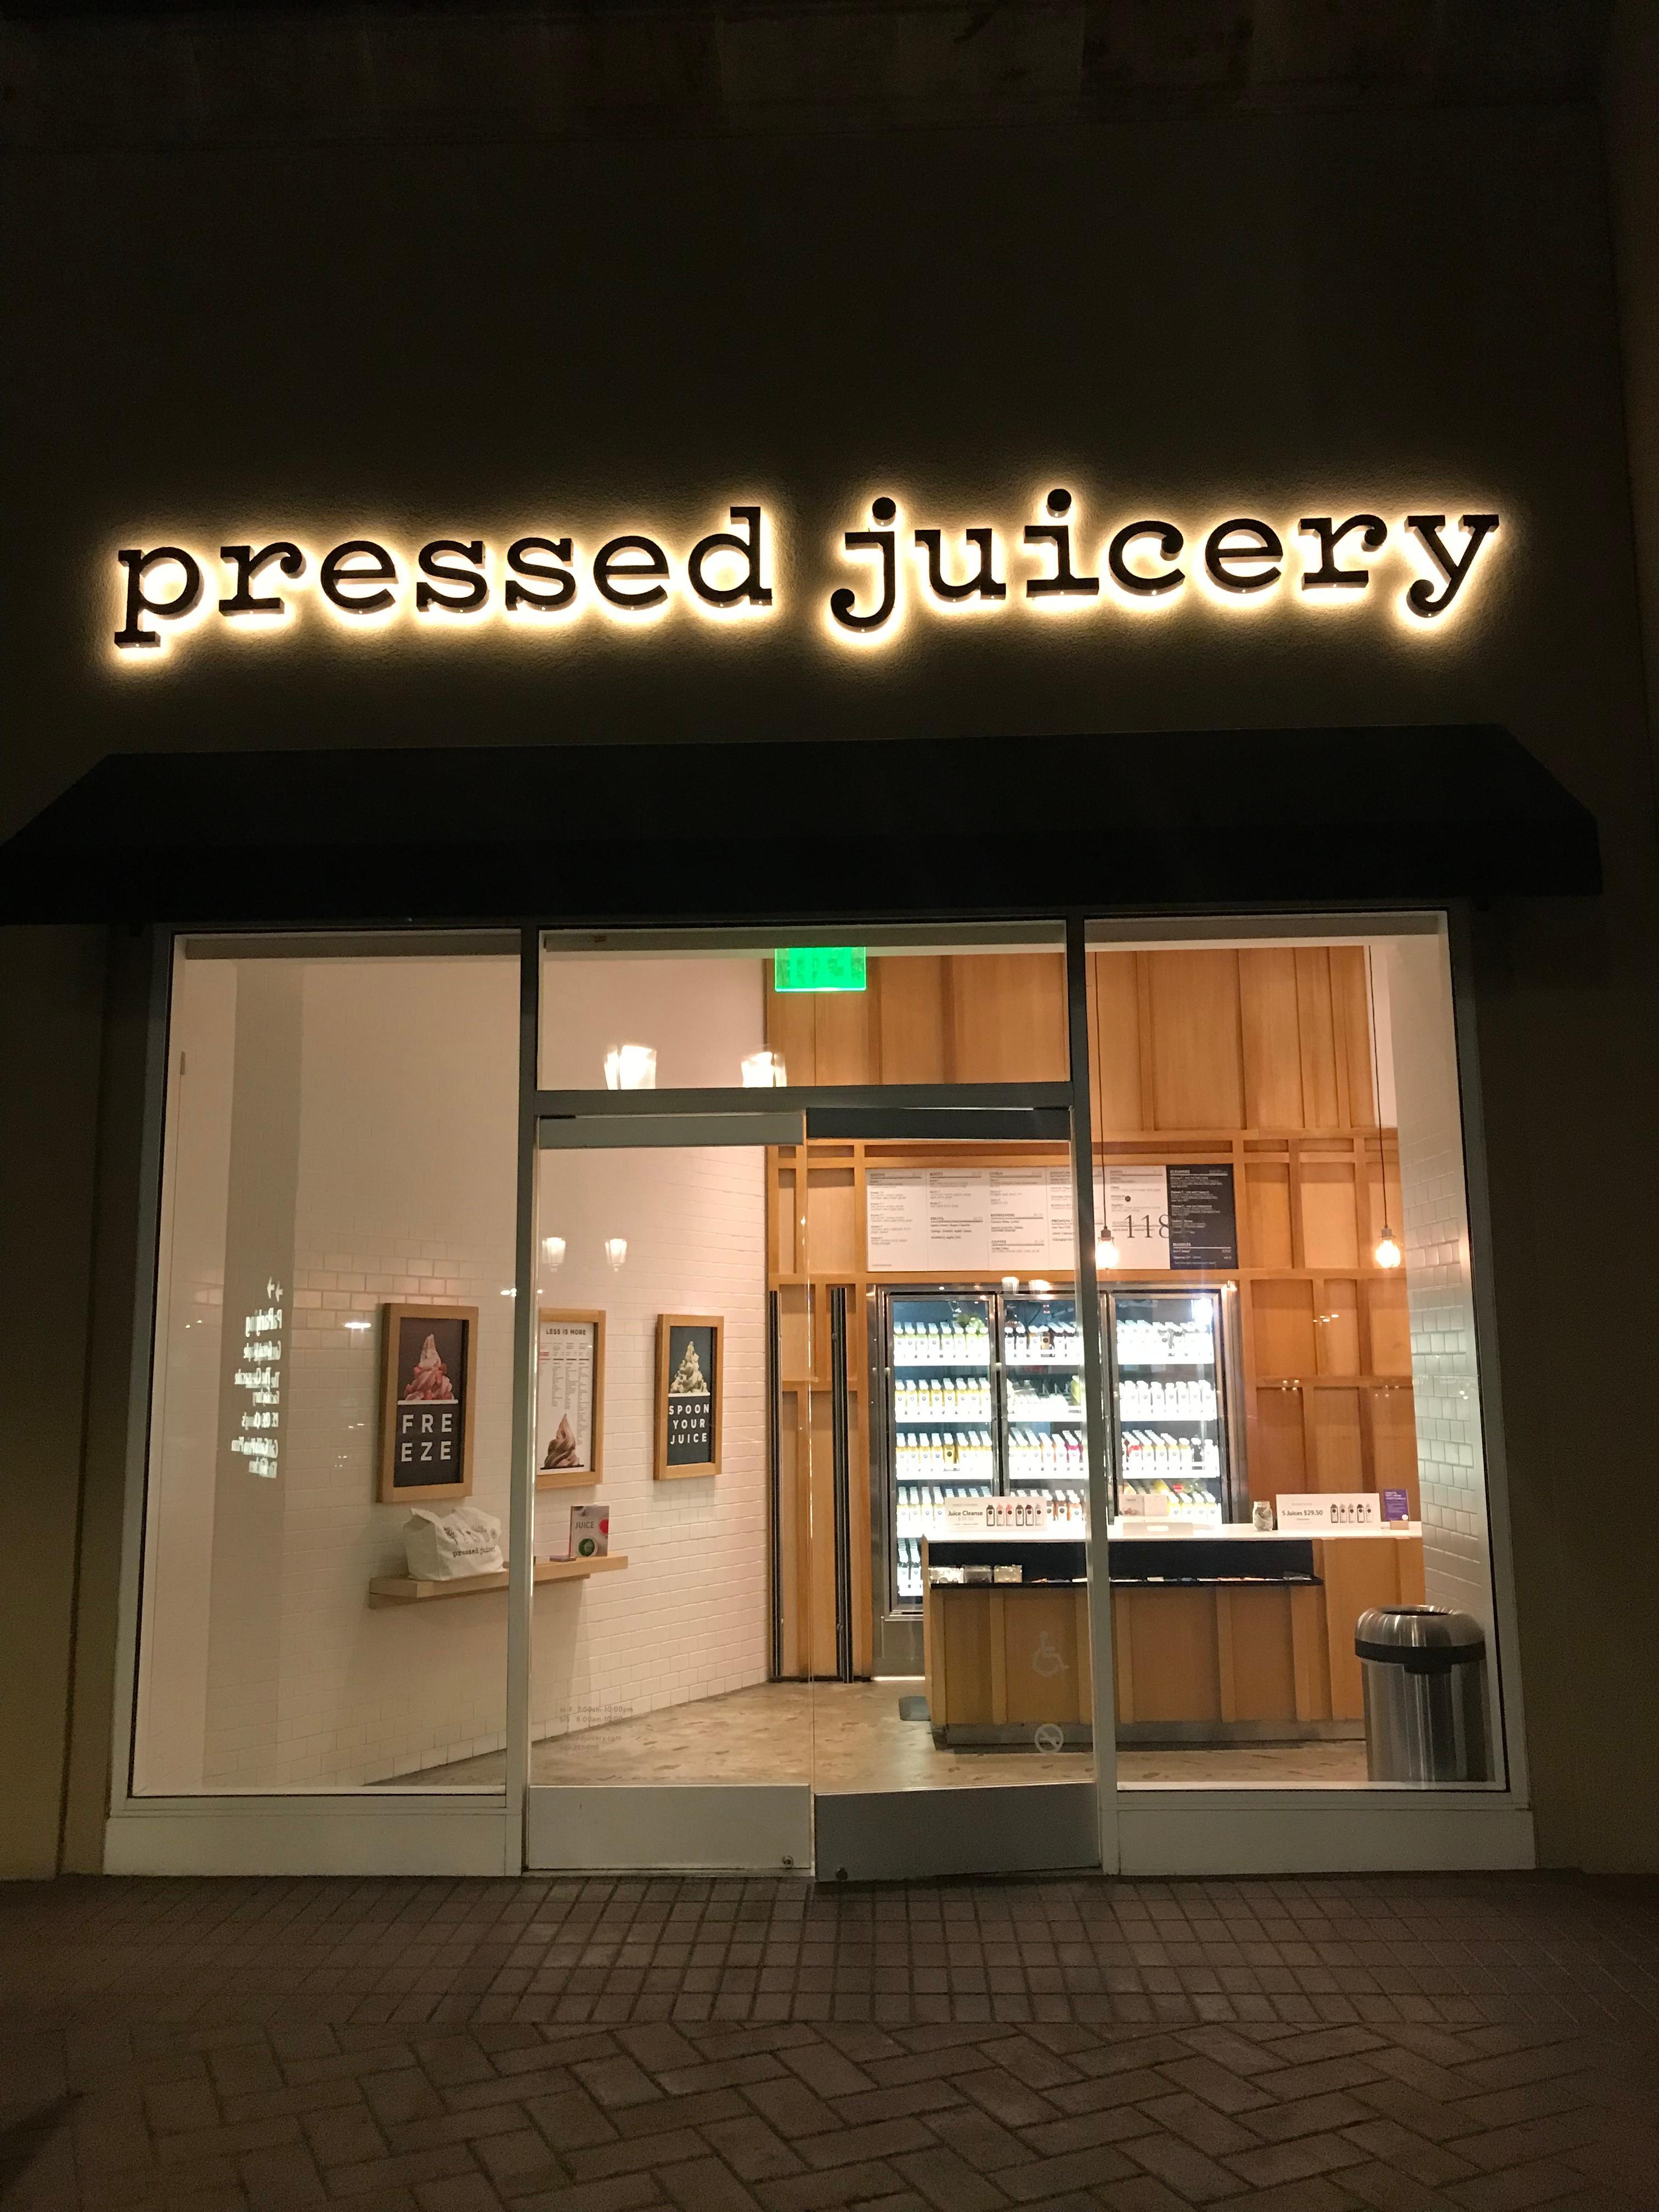 Pressed Juicery image 4